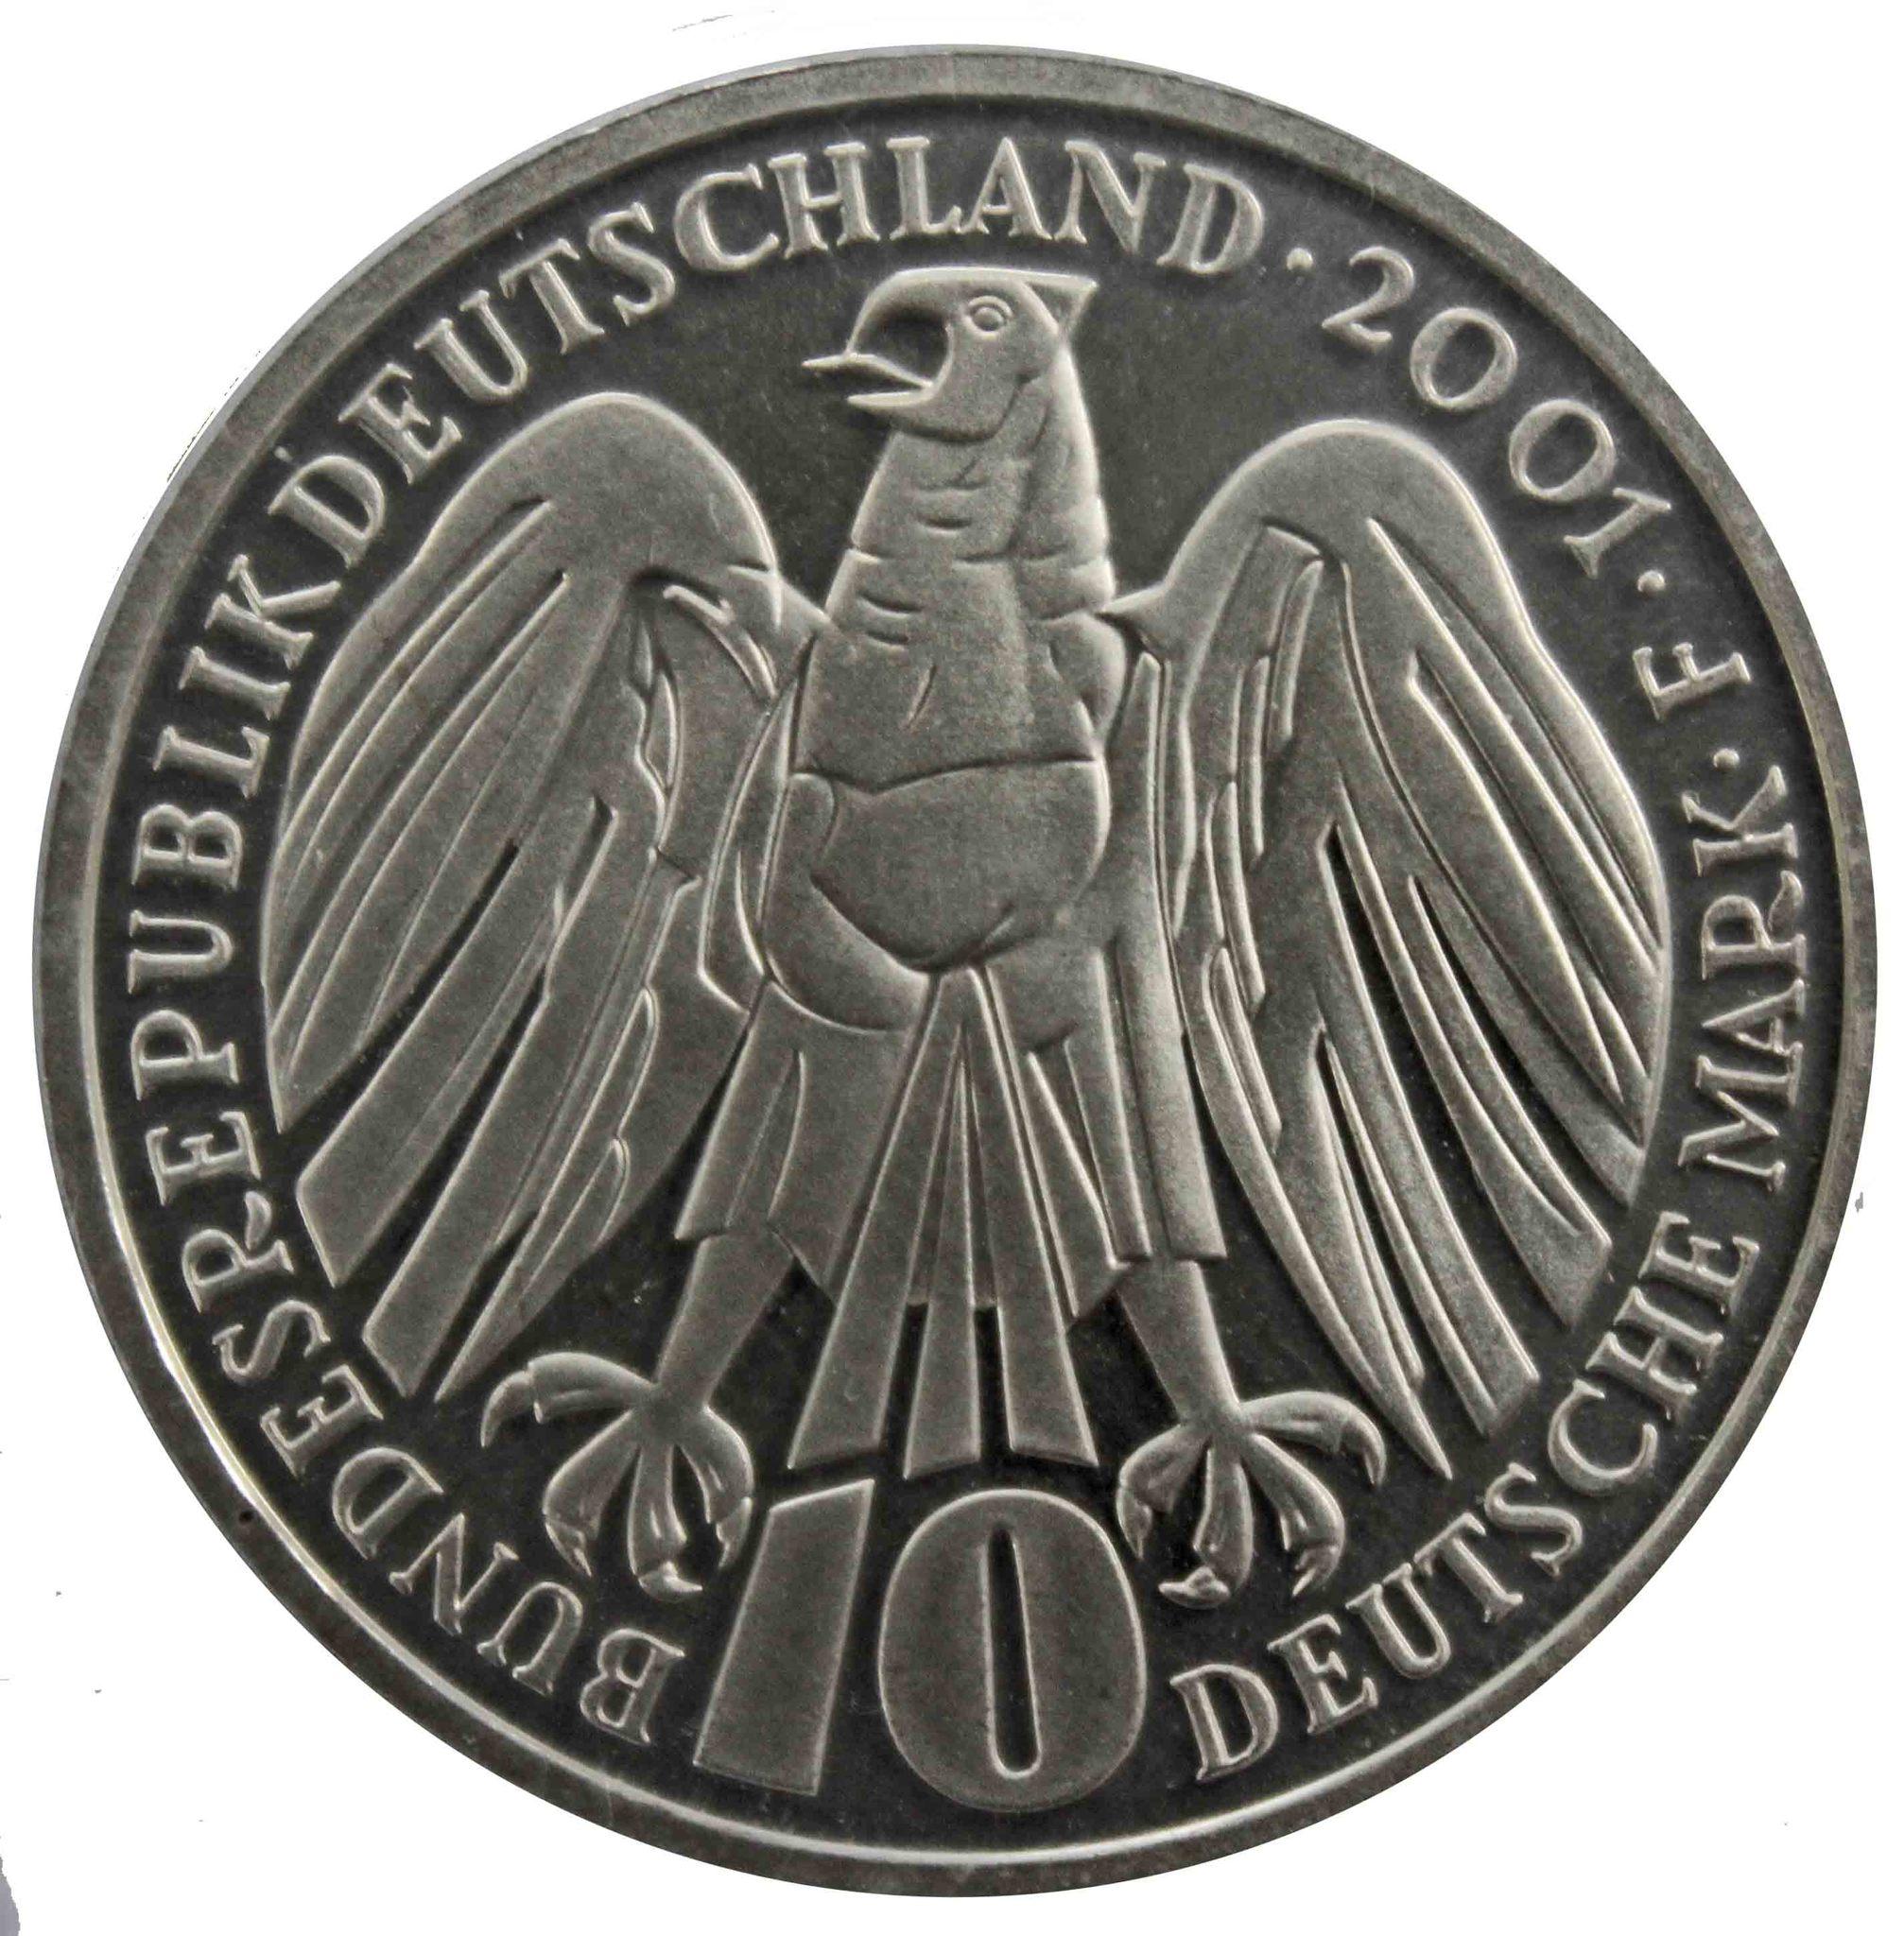 10 марок. 50 лет Федеральному конституционному суду (F). Серебро. 2001 г. PROOF. В родной запайке